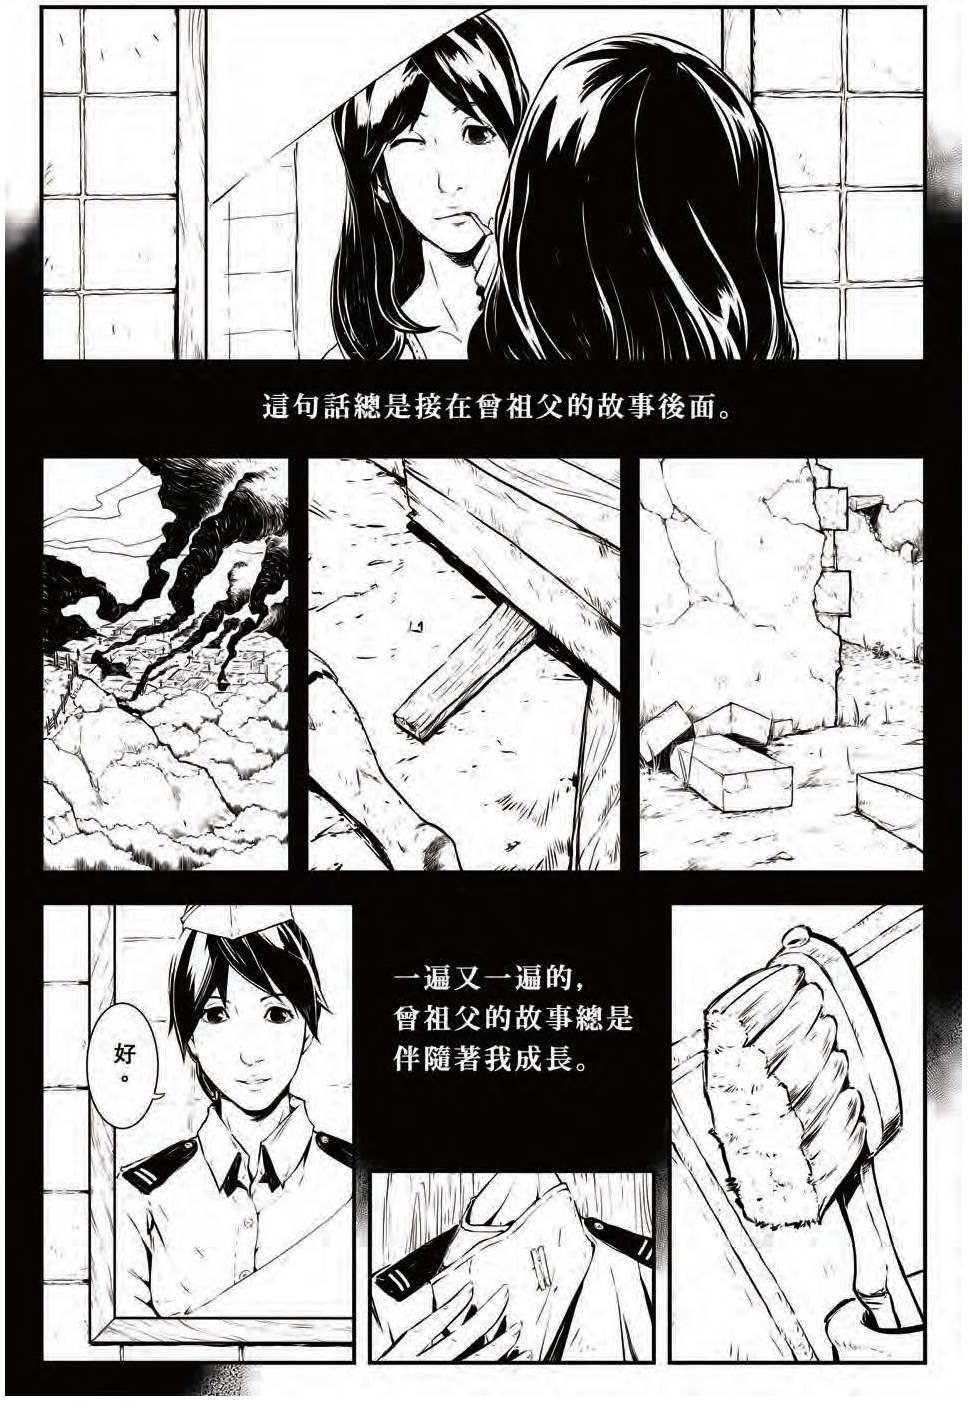 51屆漫畫項國軍組優選_那些留下來的故事03.jpg